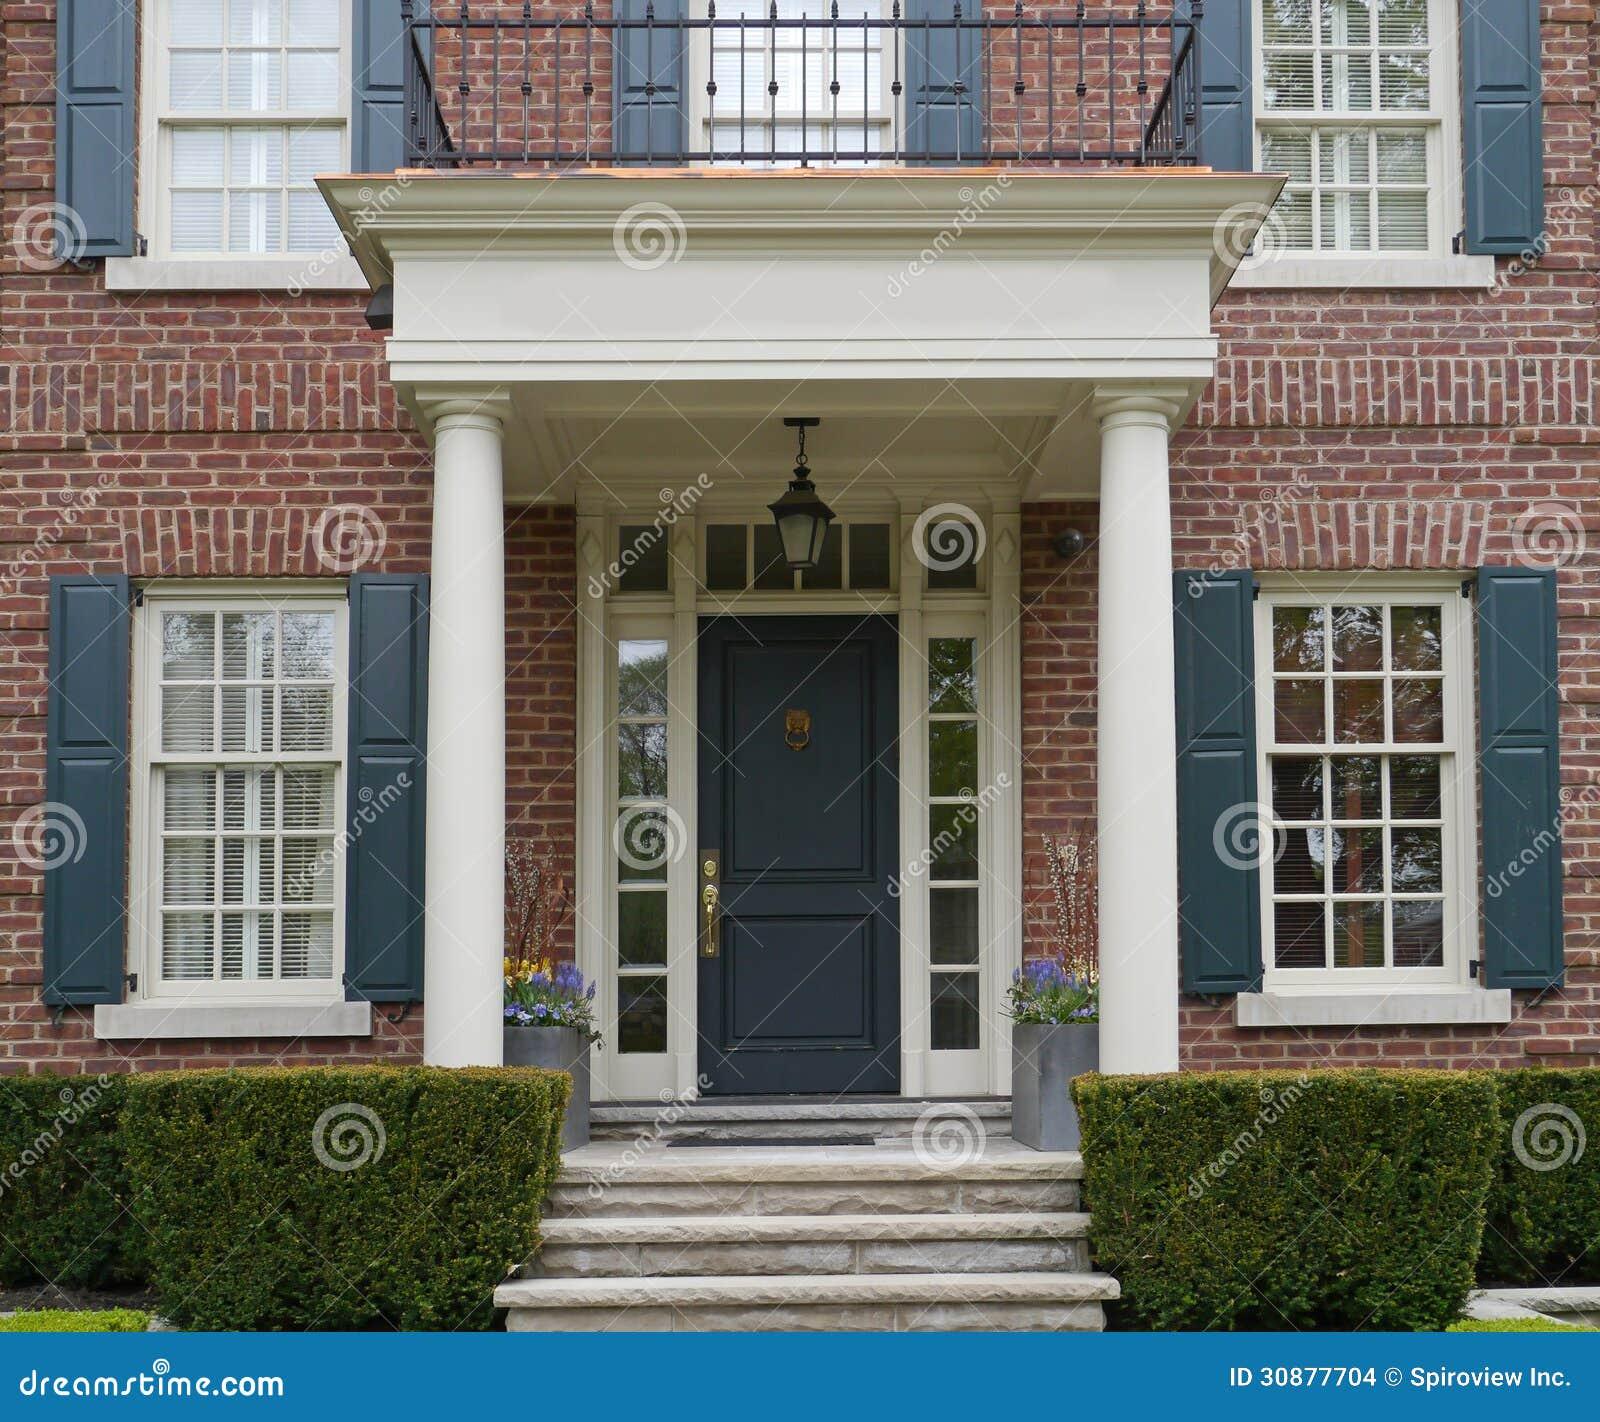 entr e principale de maison avec le porche photo stock image du portique arbuste 30877704. Black Bedroom Furniture Sets. Home Design Ideas